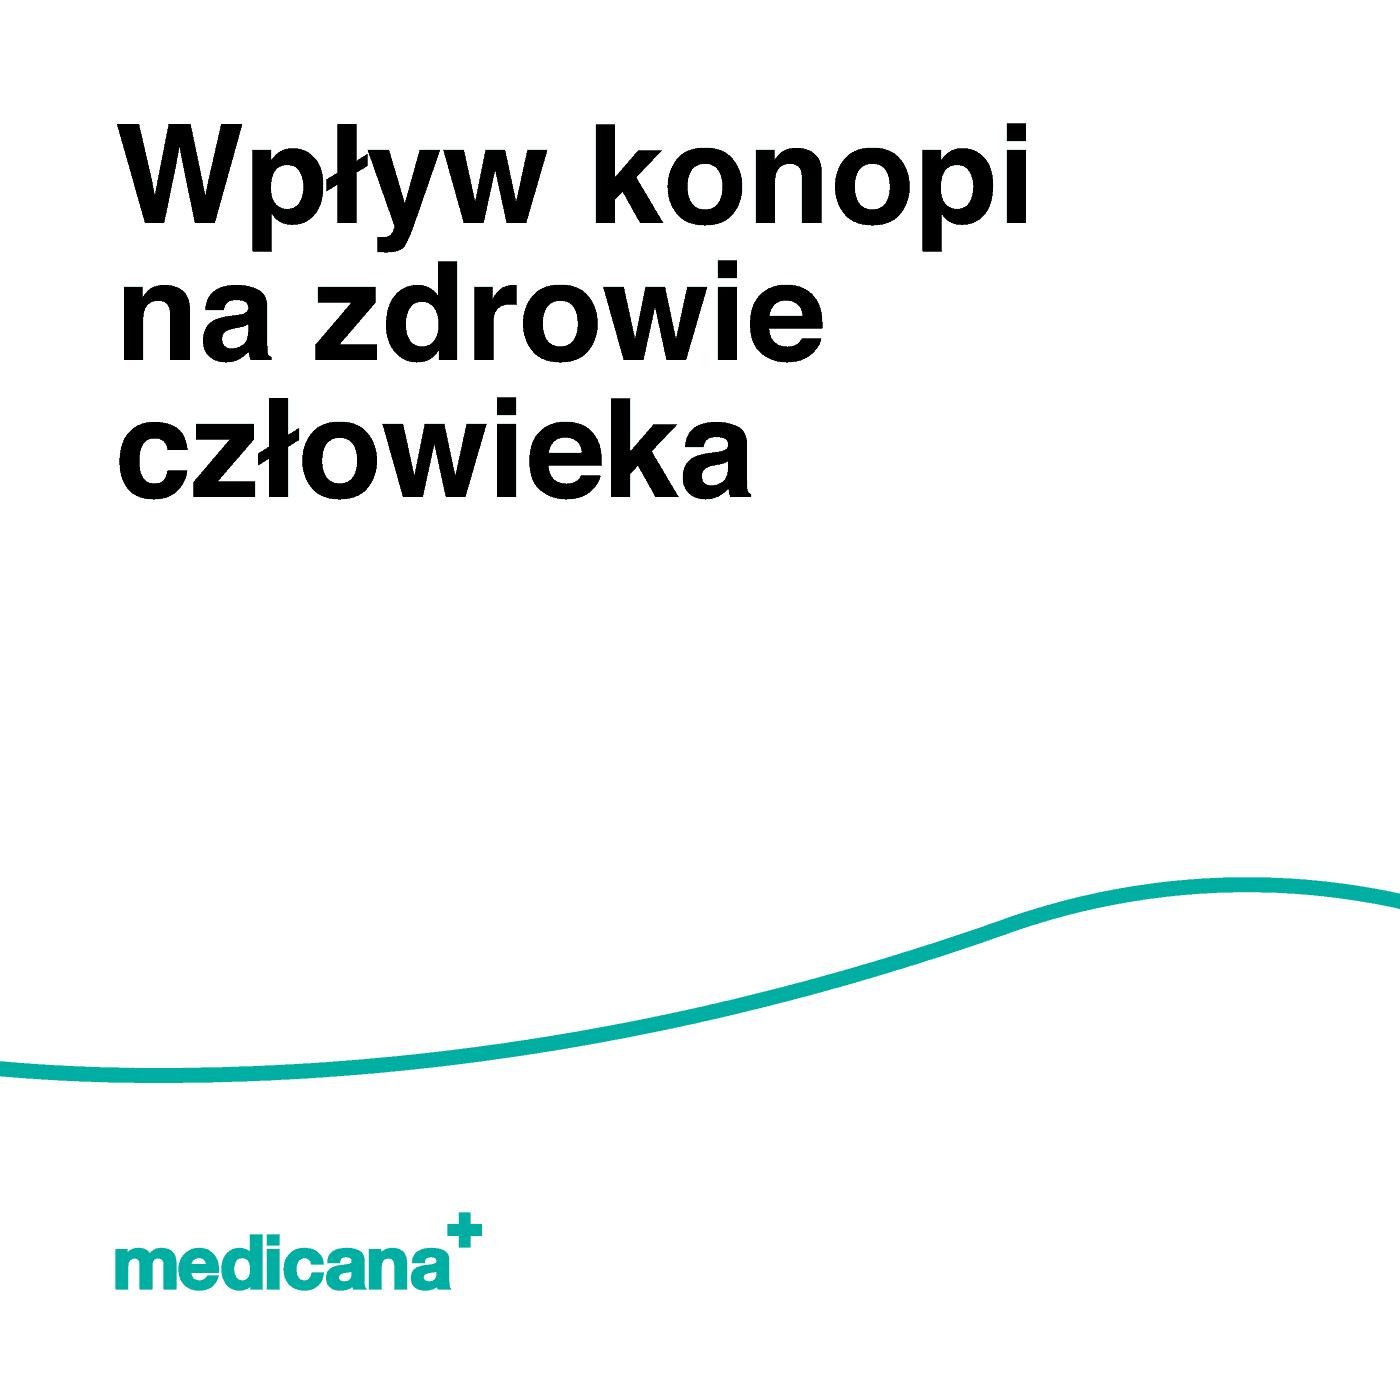 Grafika, białe tło z zieloną linią, czarnym napisem Wpływ konopi na zdrowie człowieka oraz zielonym logo Medicana w lewym dolnym rogu.